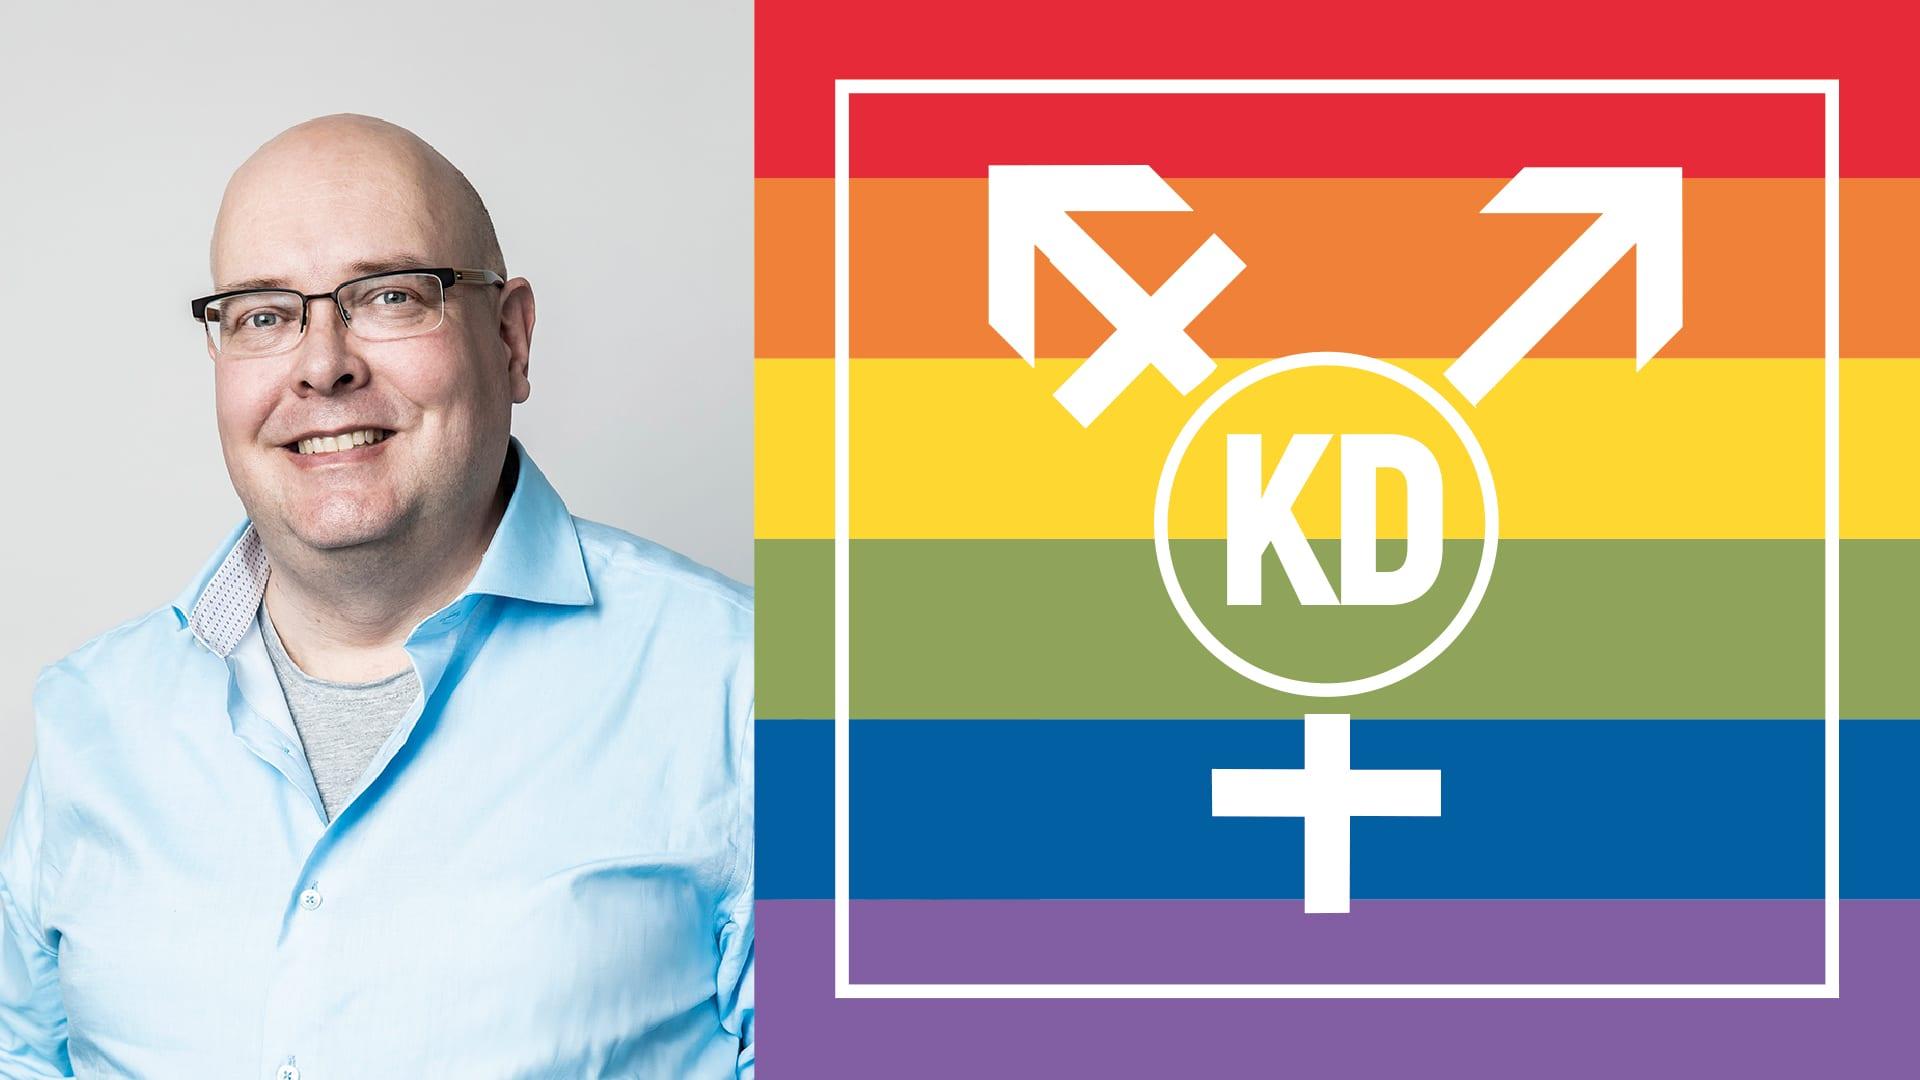 Dagen: Kristdemokraterna på väg att få hbt-vänligt förbund